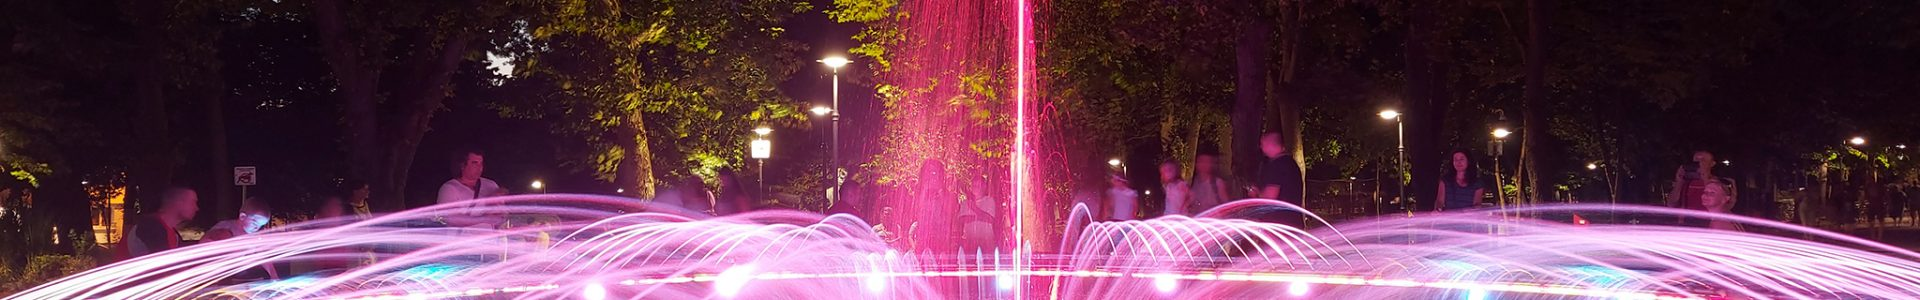 Етюд: Нощна фотография с телефона